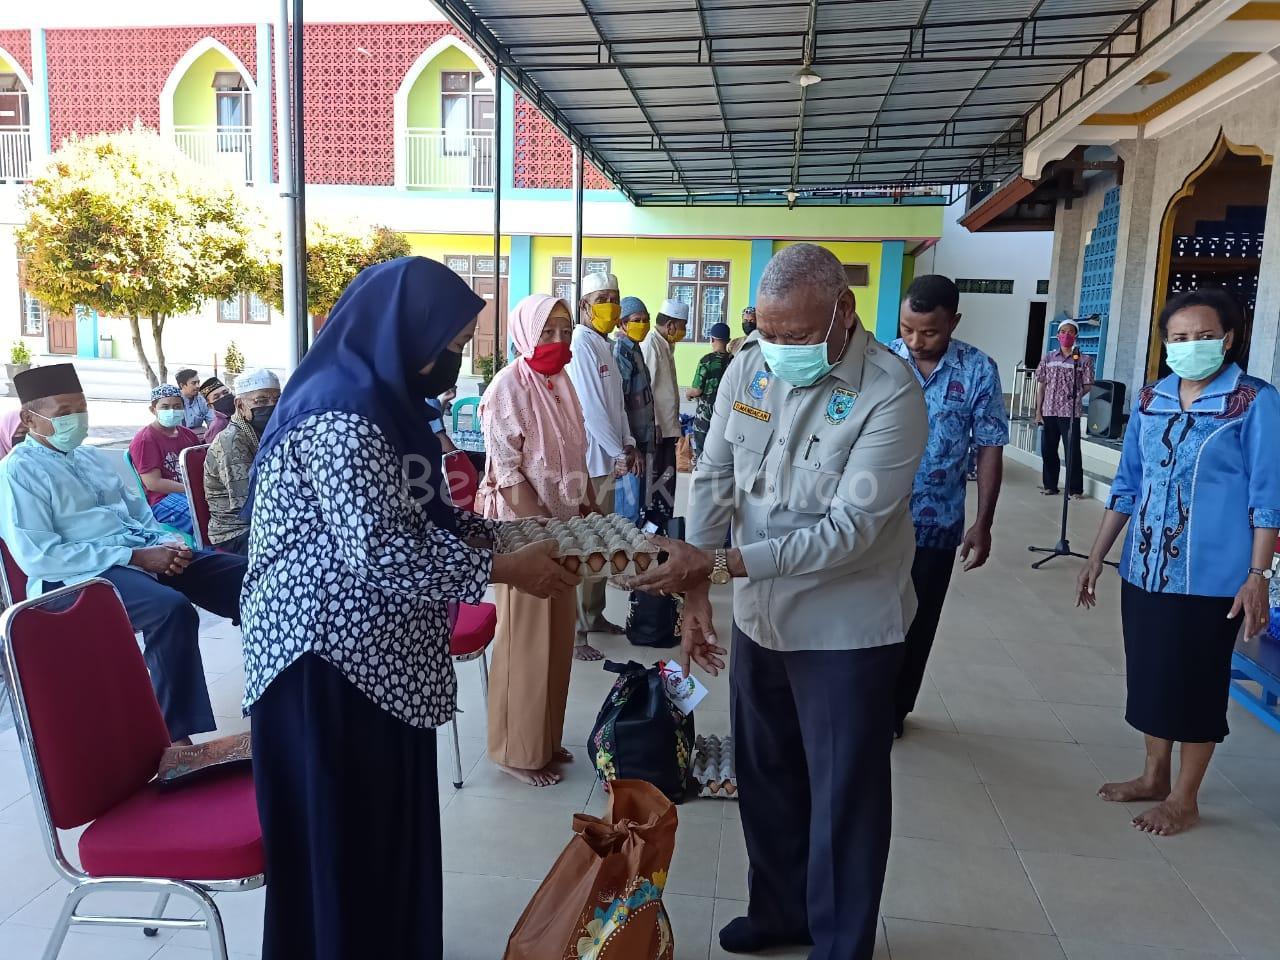 Peduli Umat, Keluarga Mandacan-Kiriweno Serahkan 1.250 Paket Bapok ke Gereja Dan Masjid 24 IMG 20200416 WA0055 1